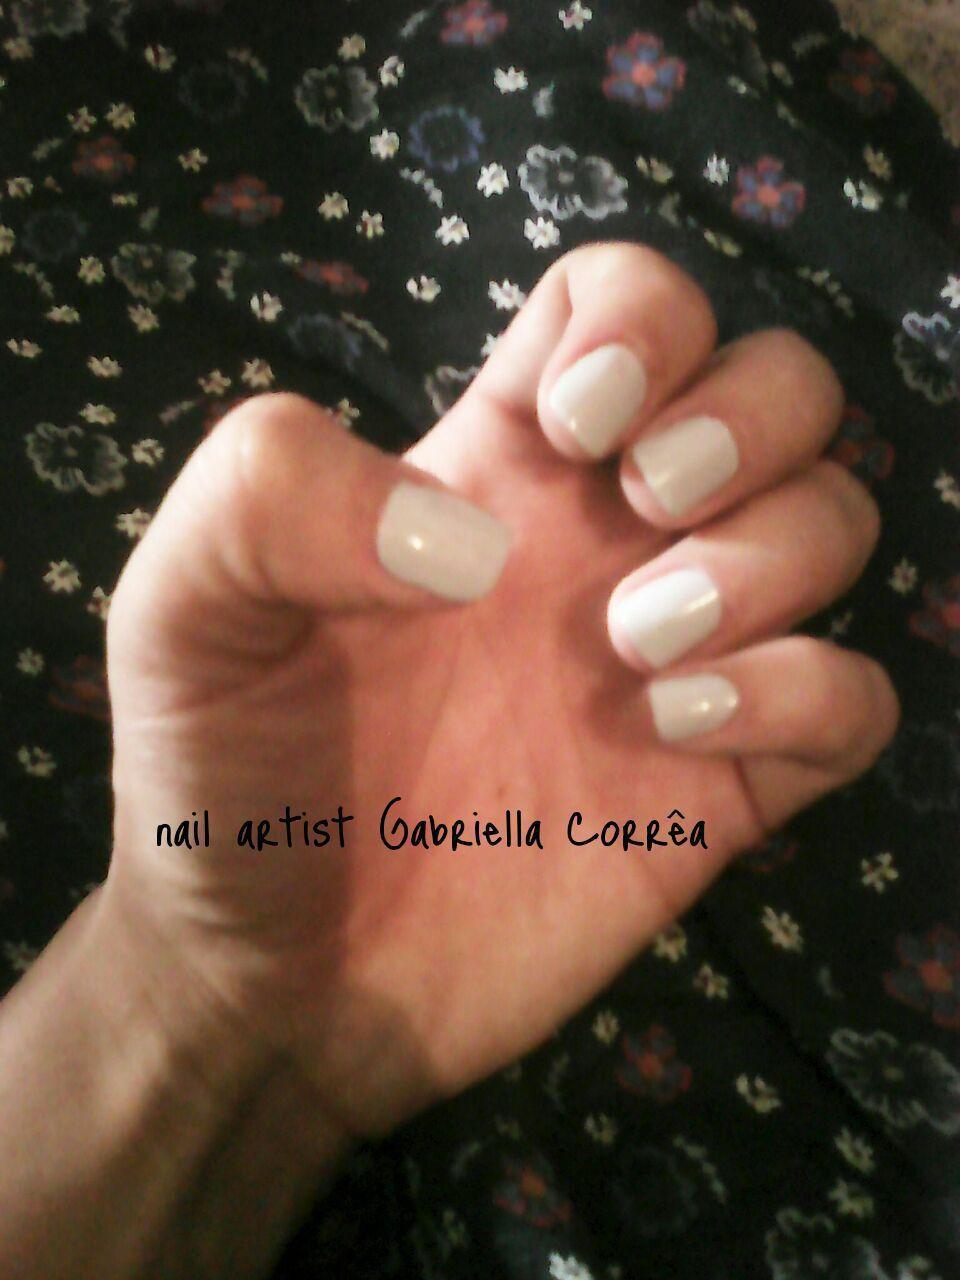 #dasemana #preguiçando  #colorama  unha manicure e pedicure manicure e pedicure